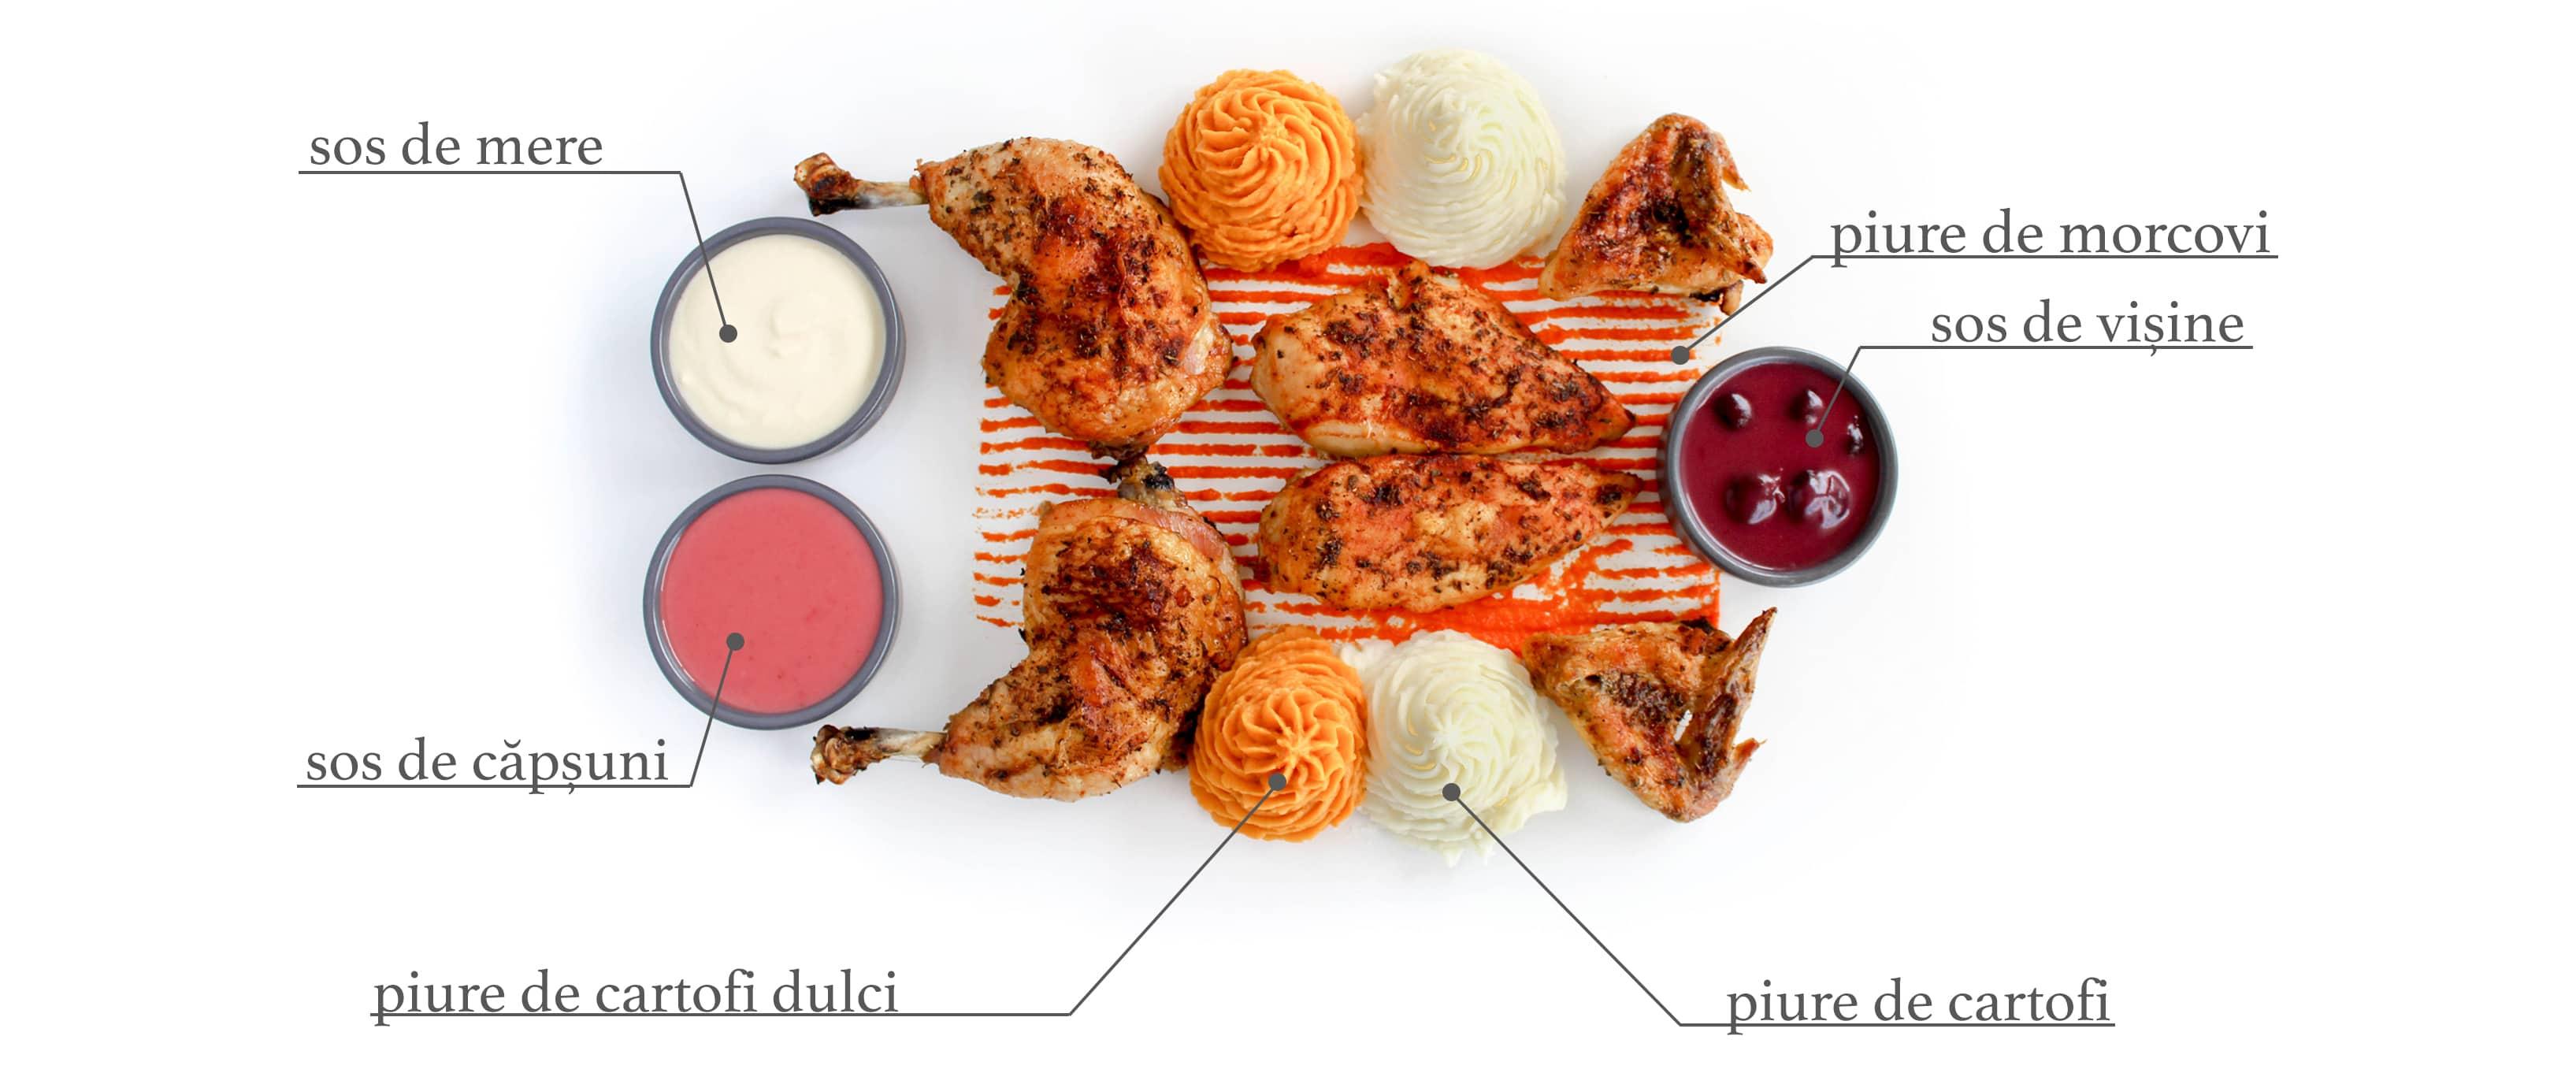 Platou de pui cu sos de mere, vișine și căpșuni